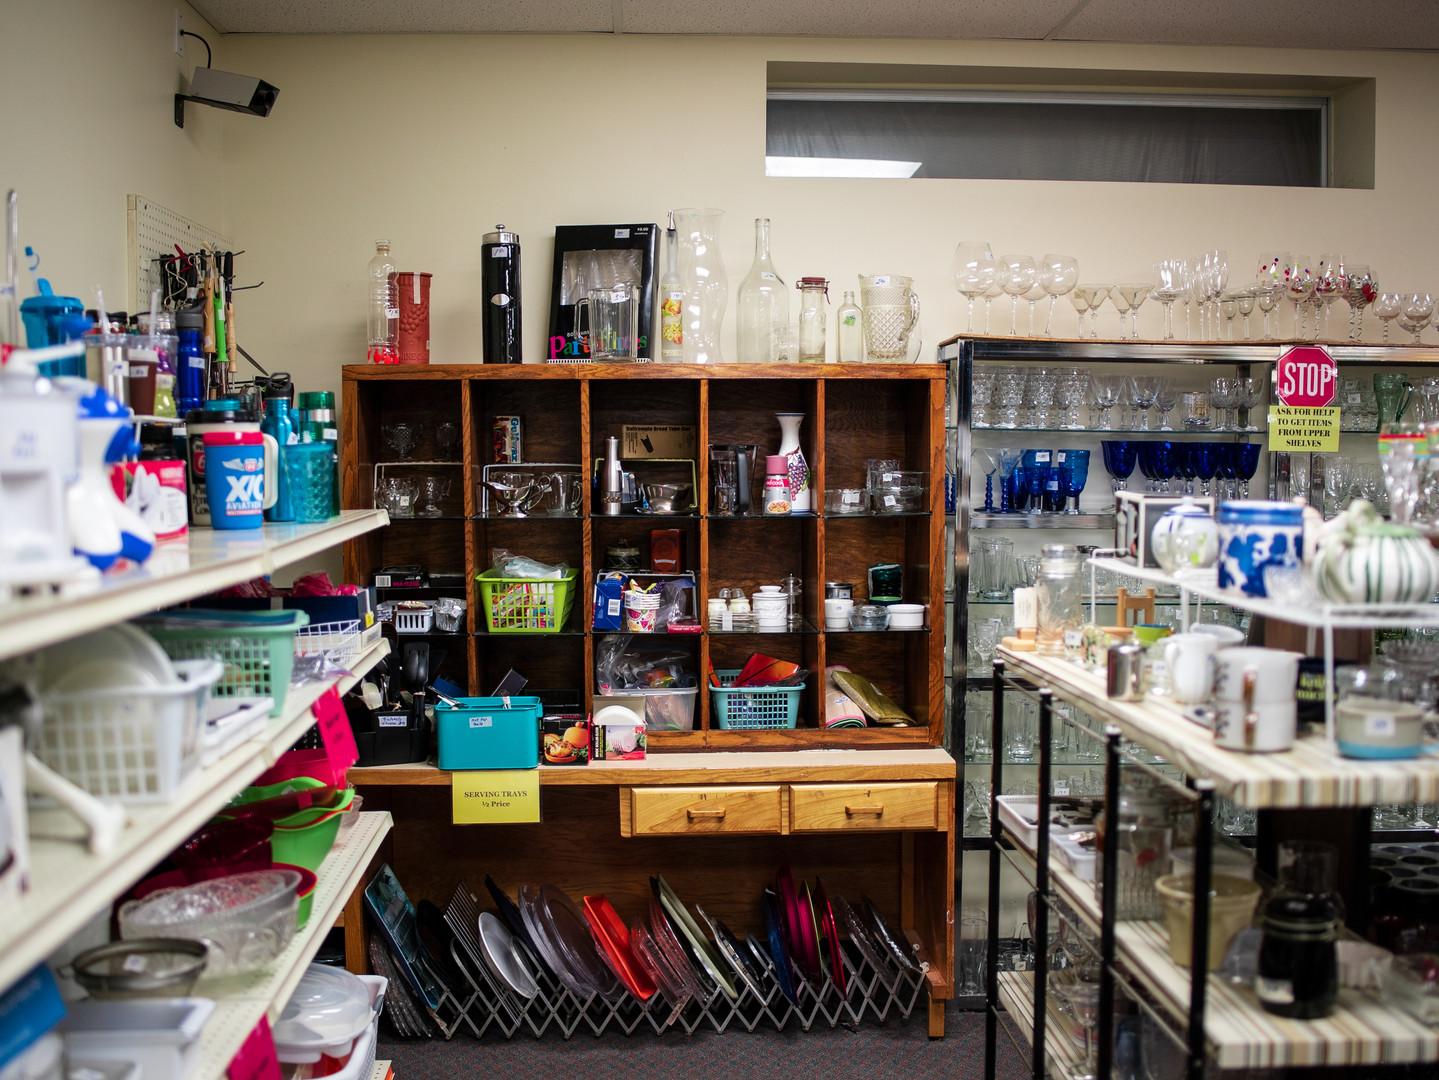 Shop Kitchen Ware